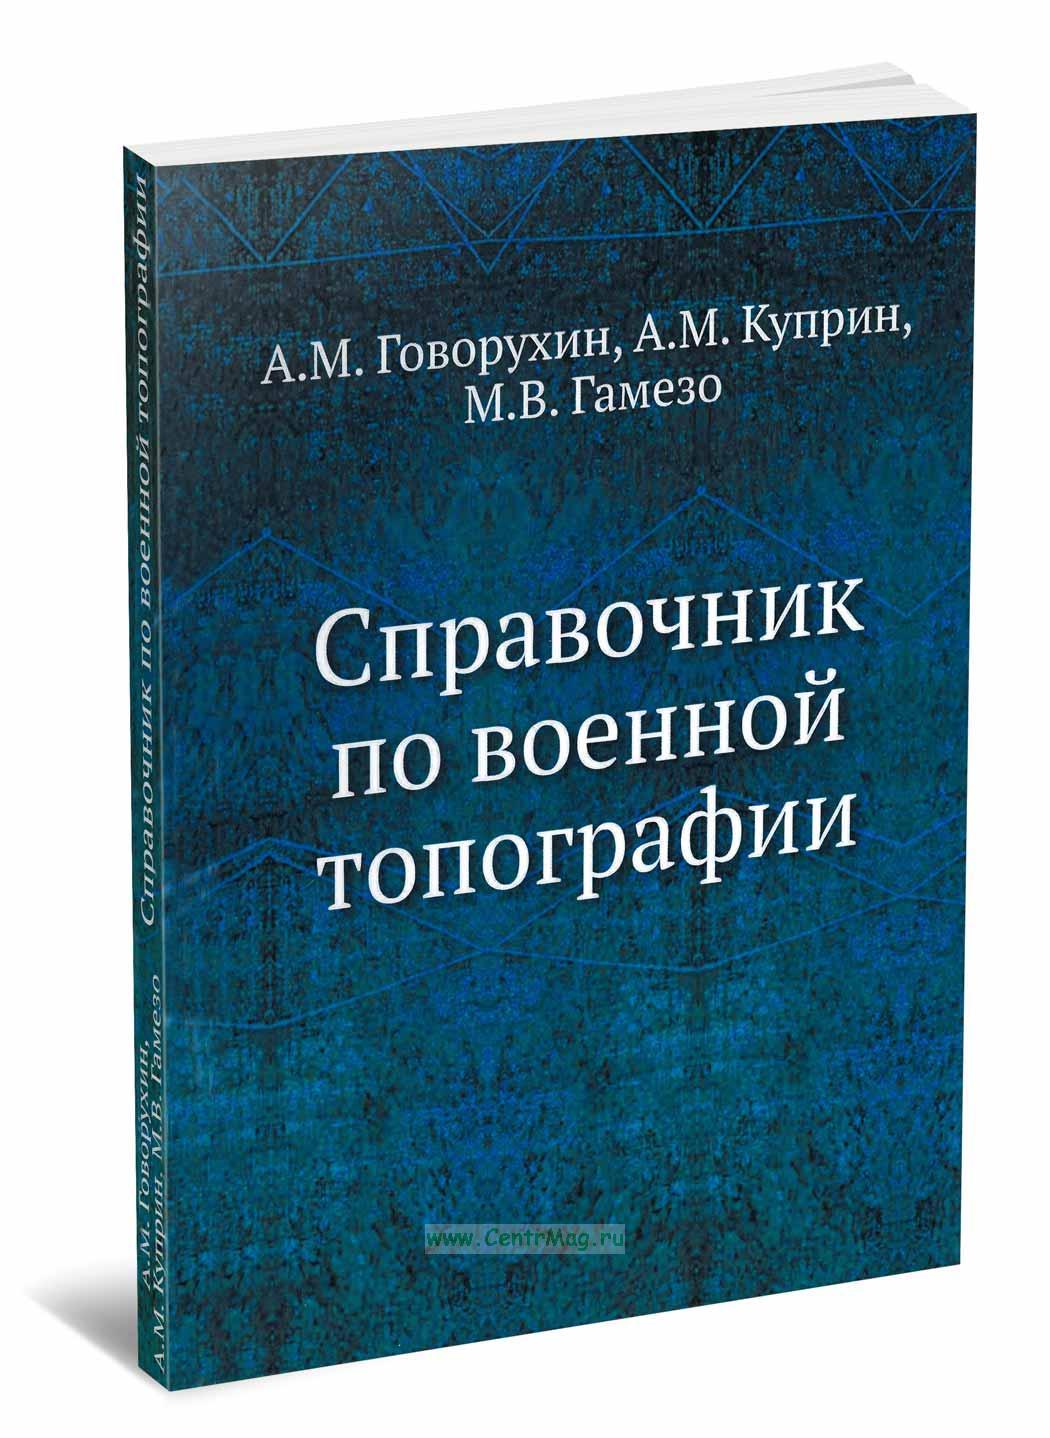 Справочник по военной топографии